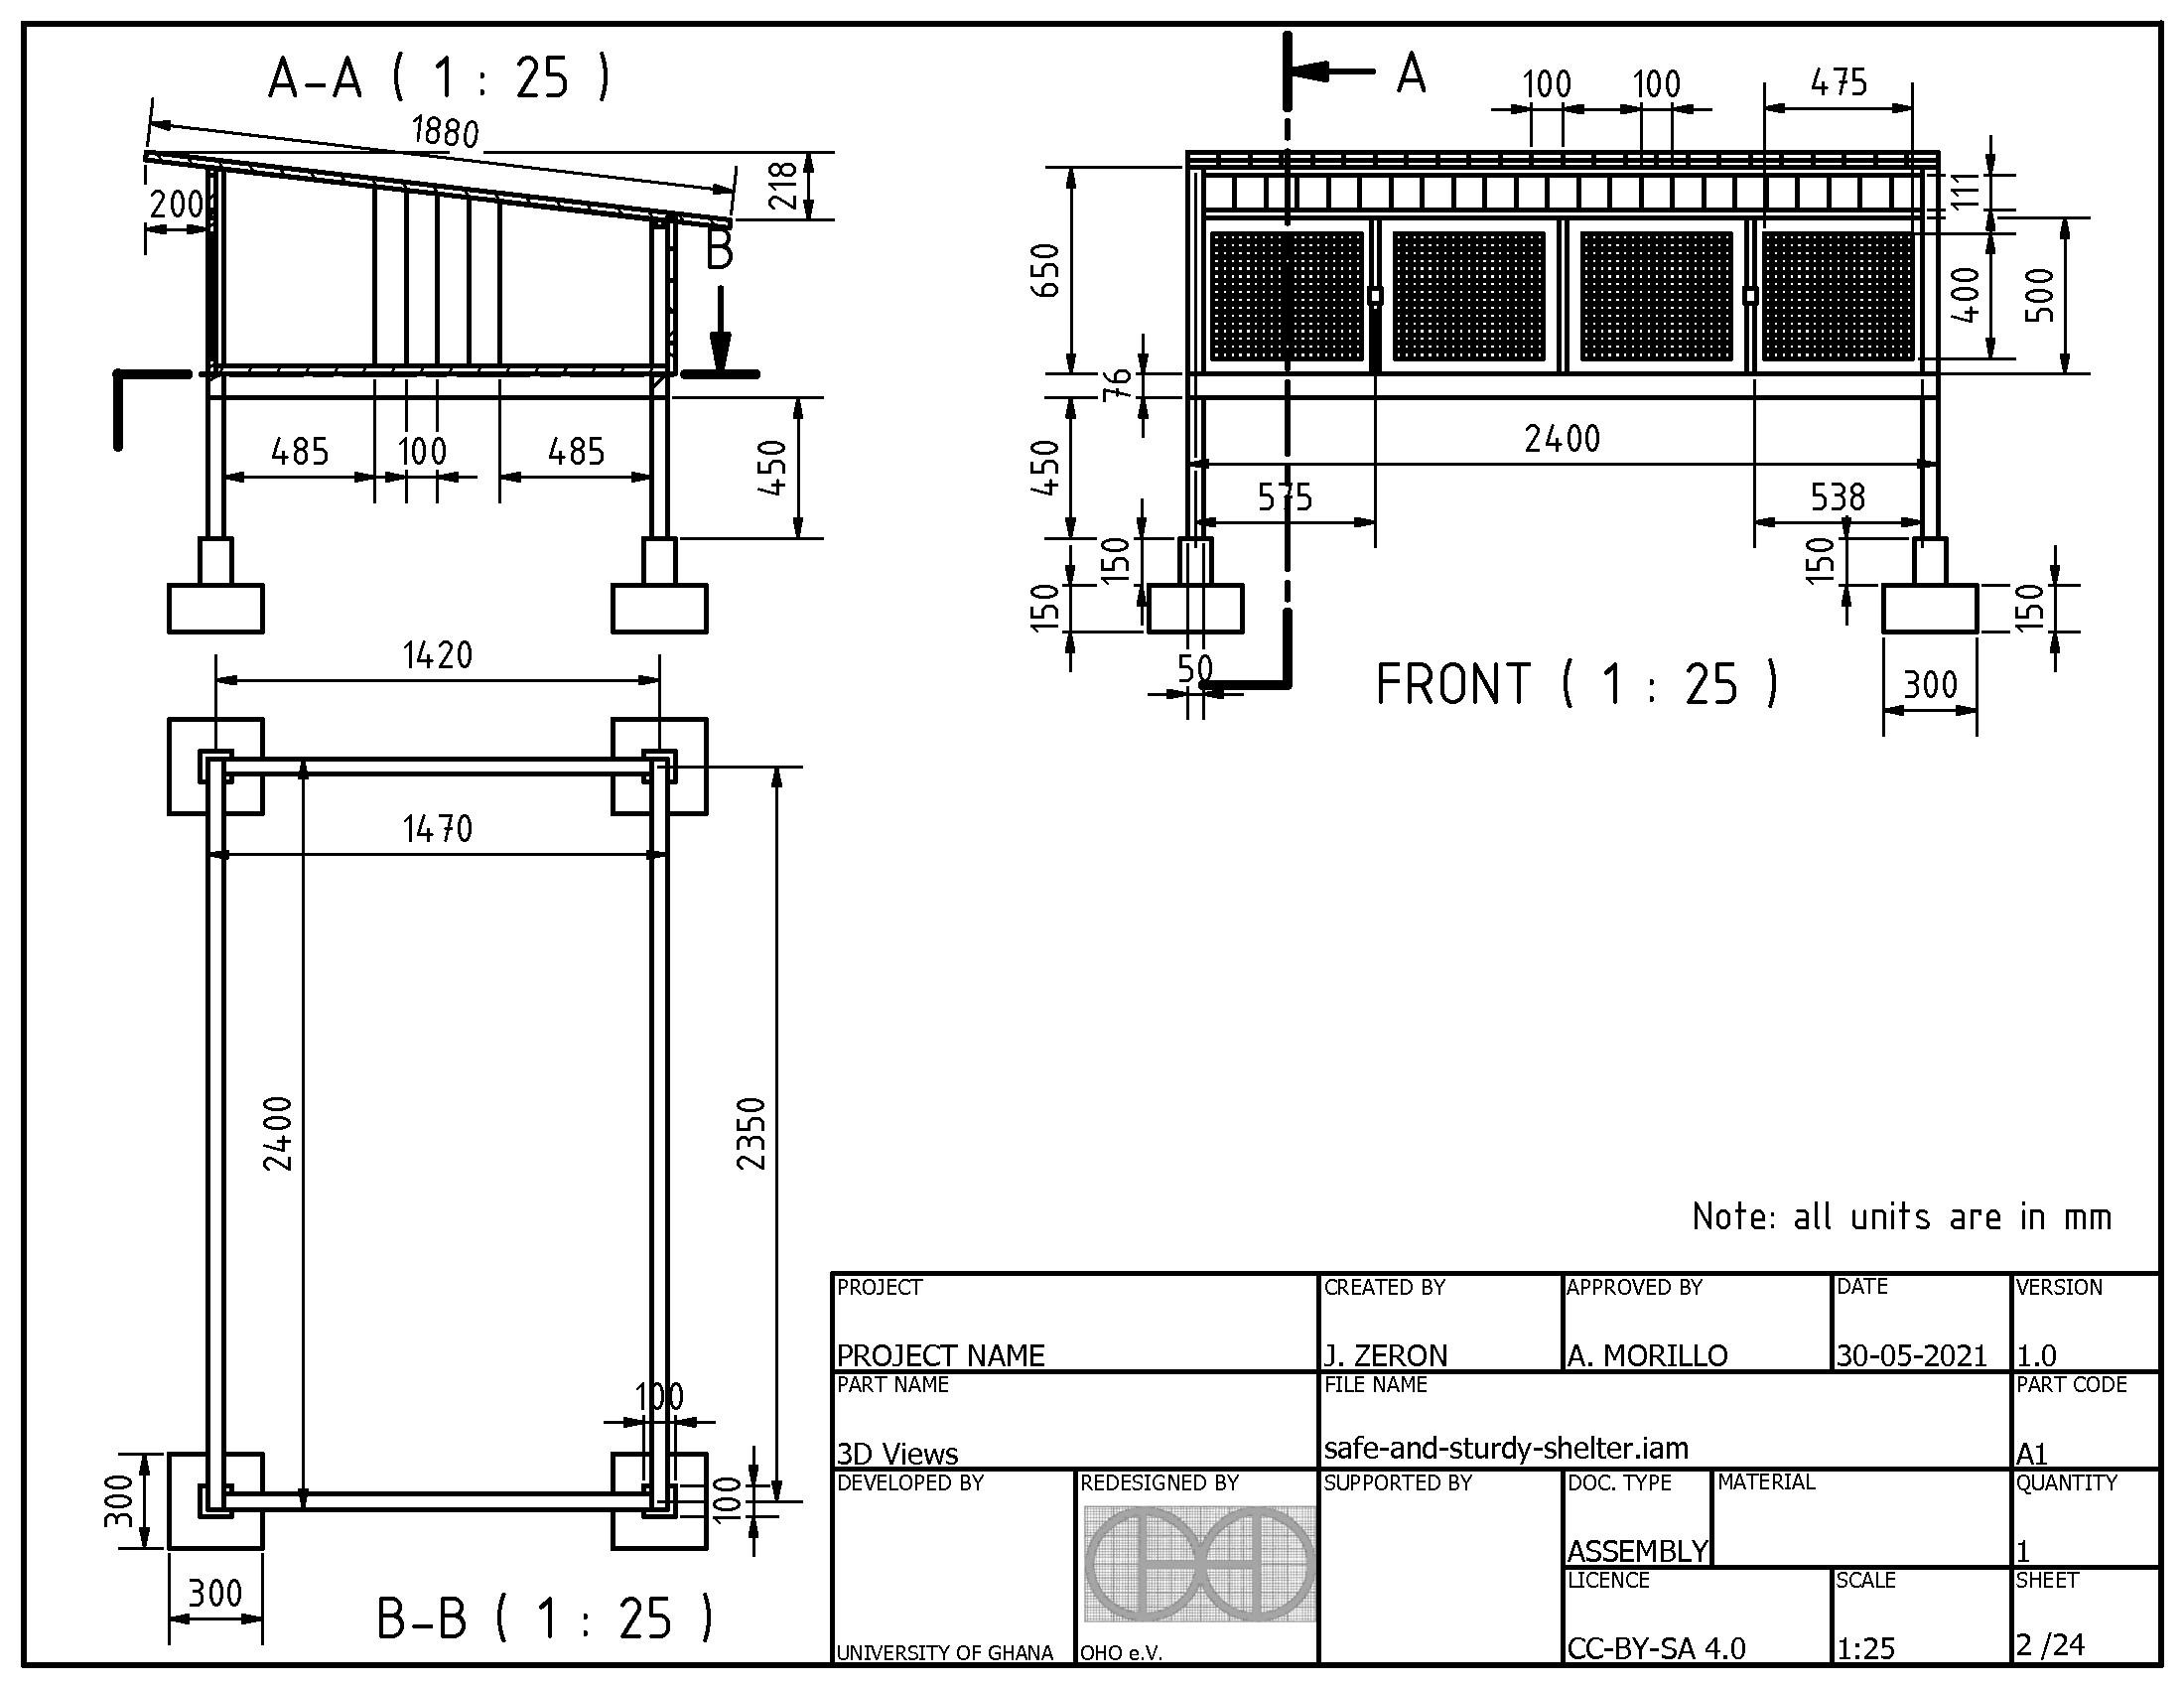 Uga sss A1 3D Views 001.jpg